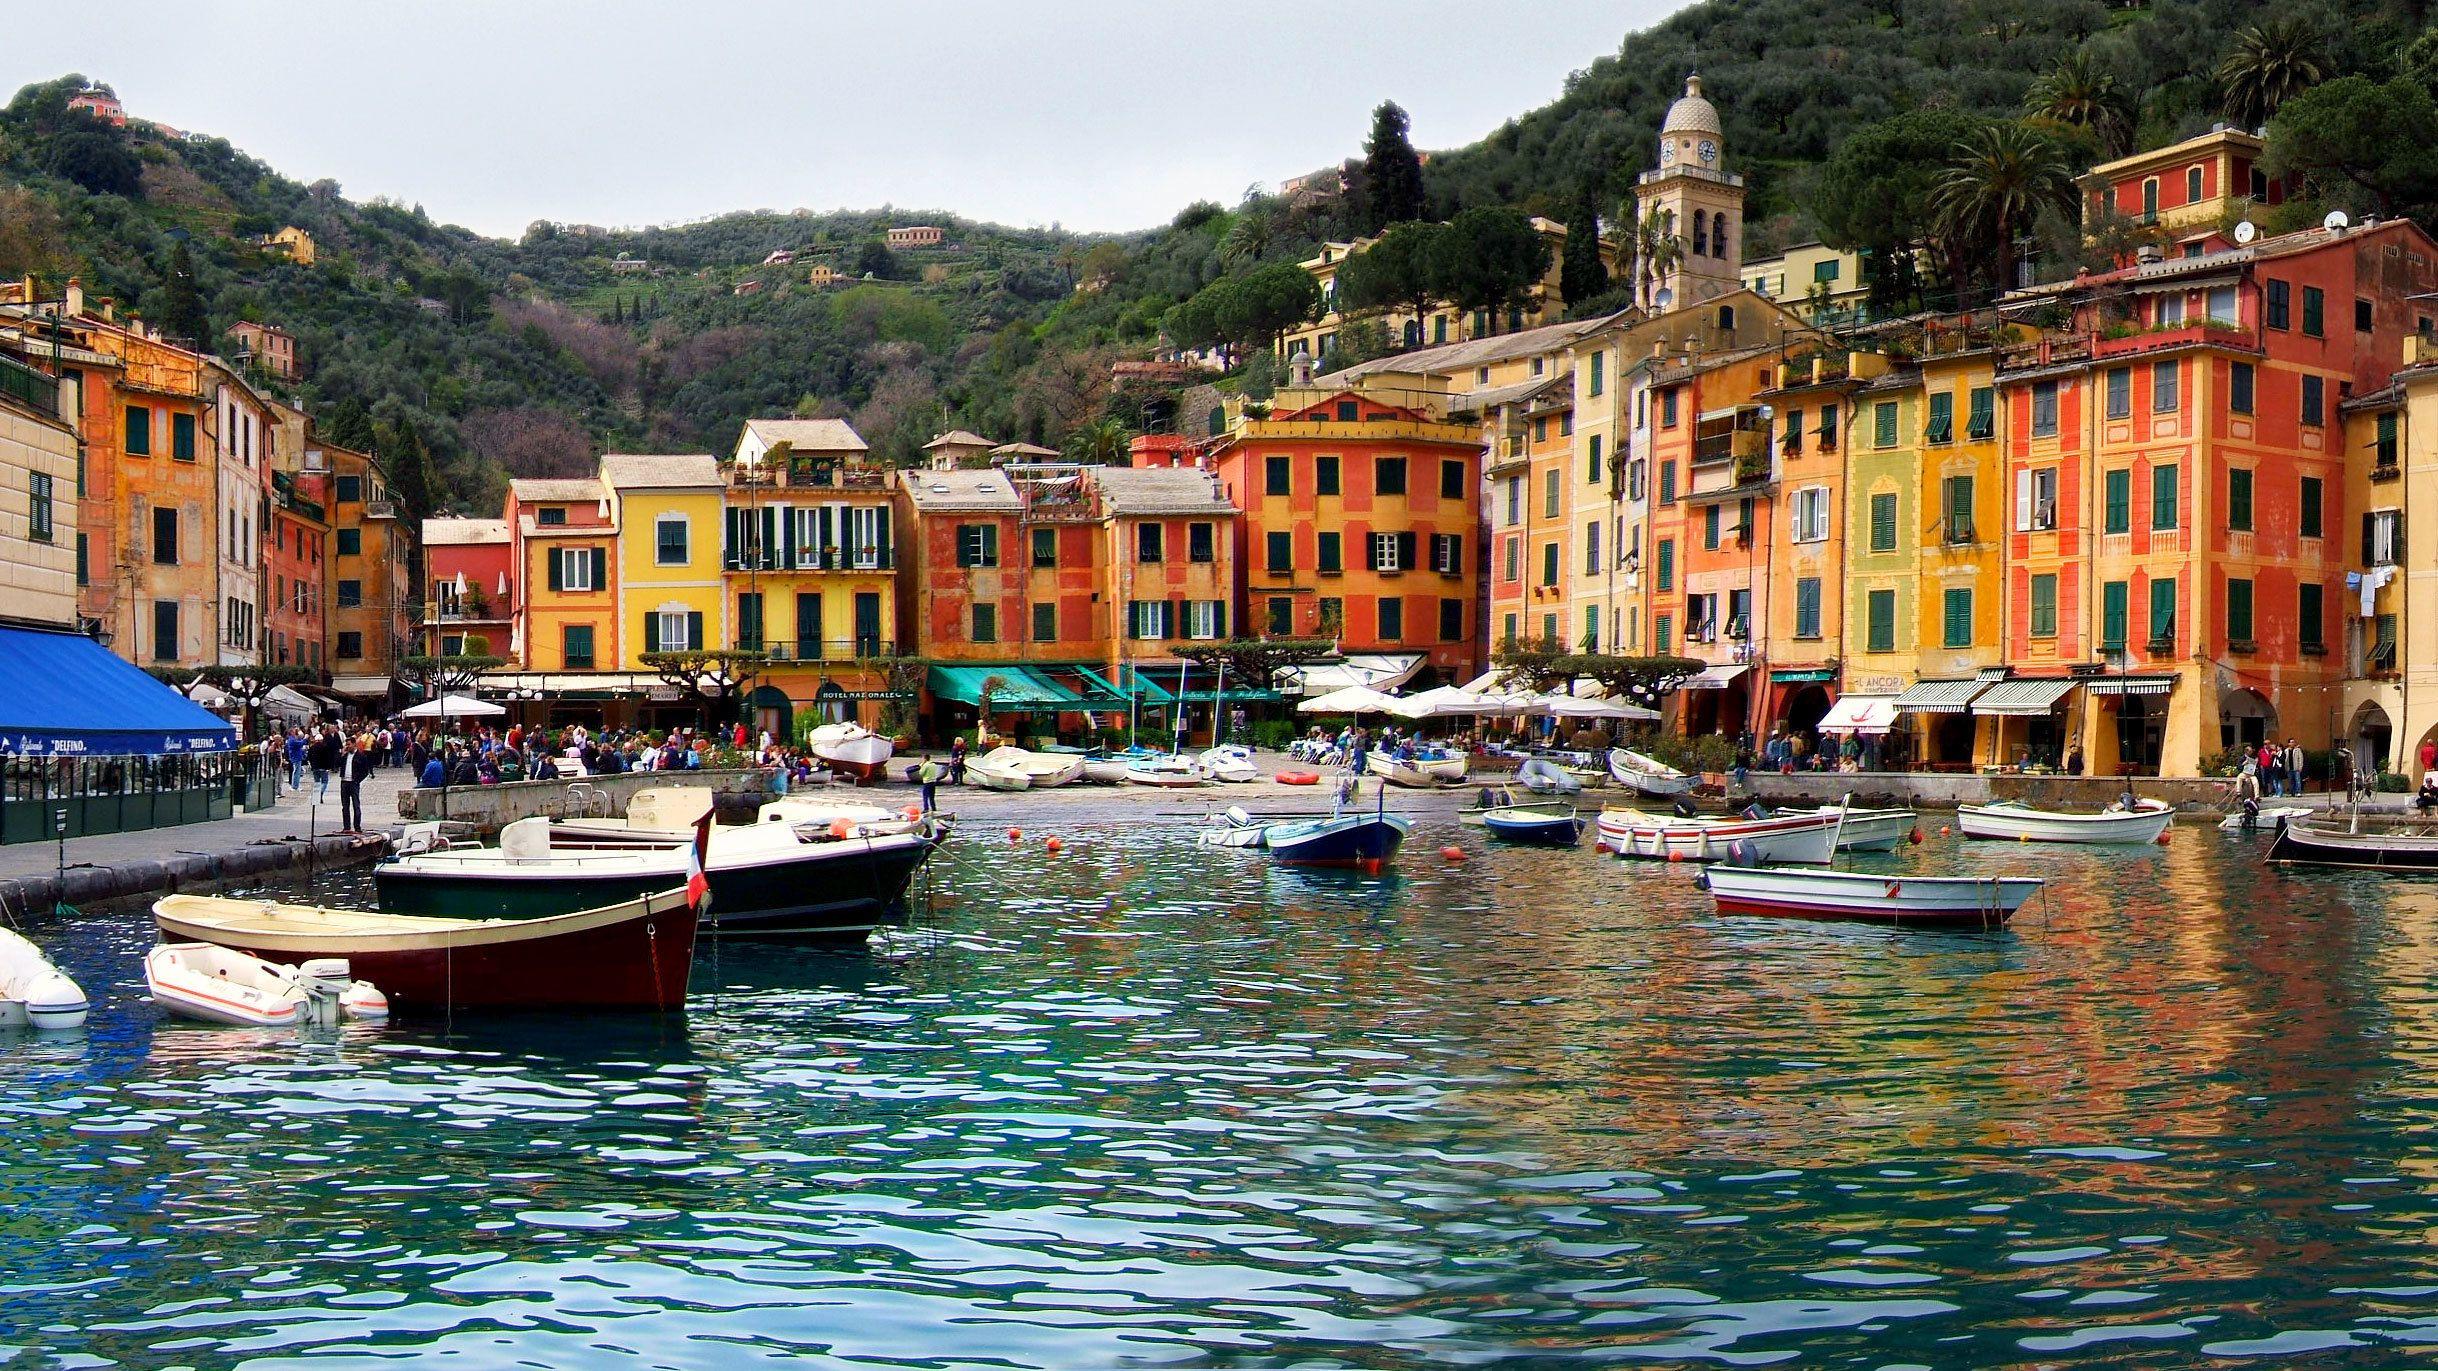 Visite d'une journée à Gênes et Portofino